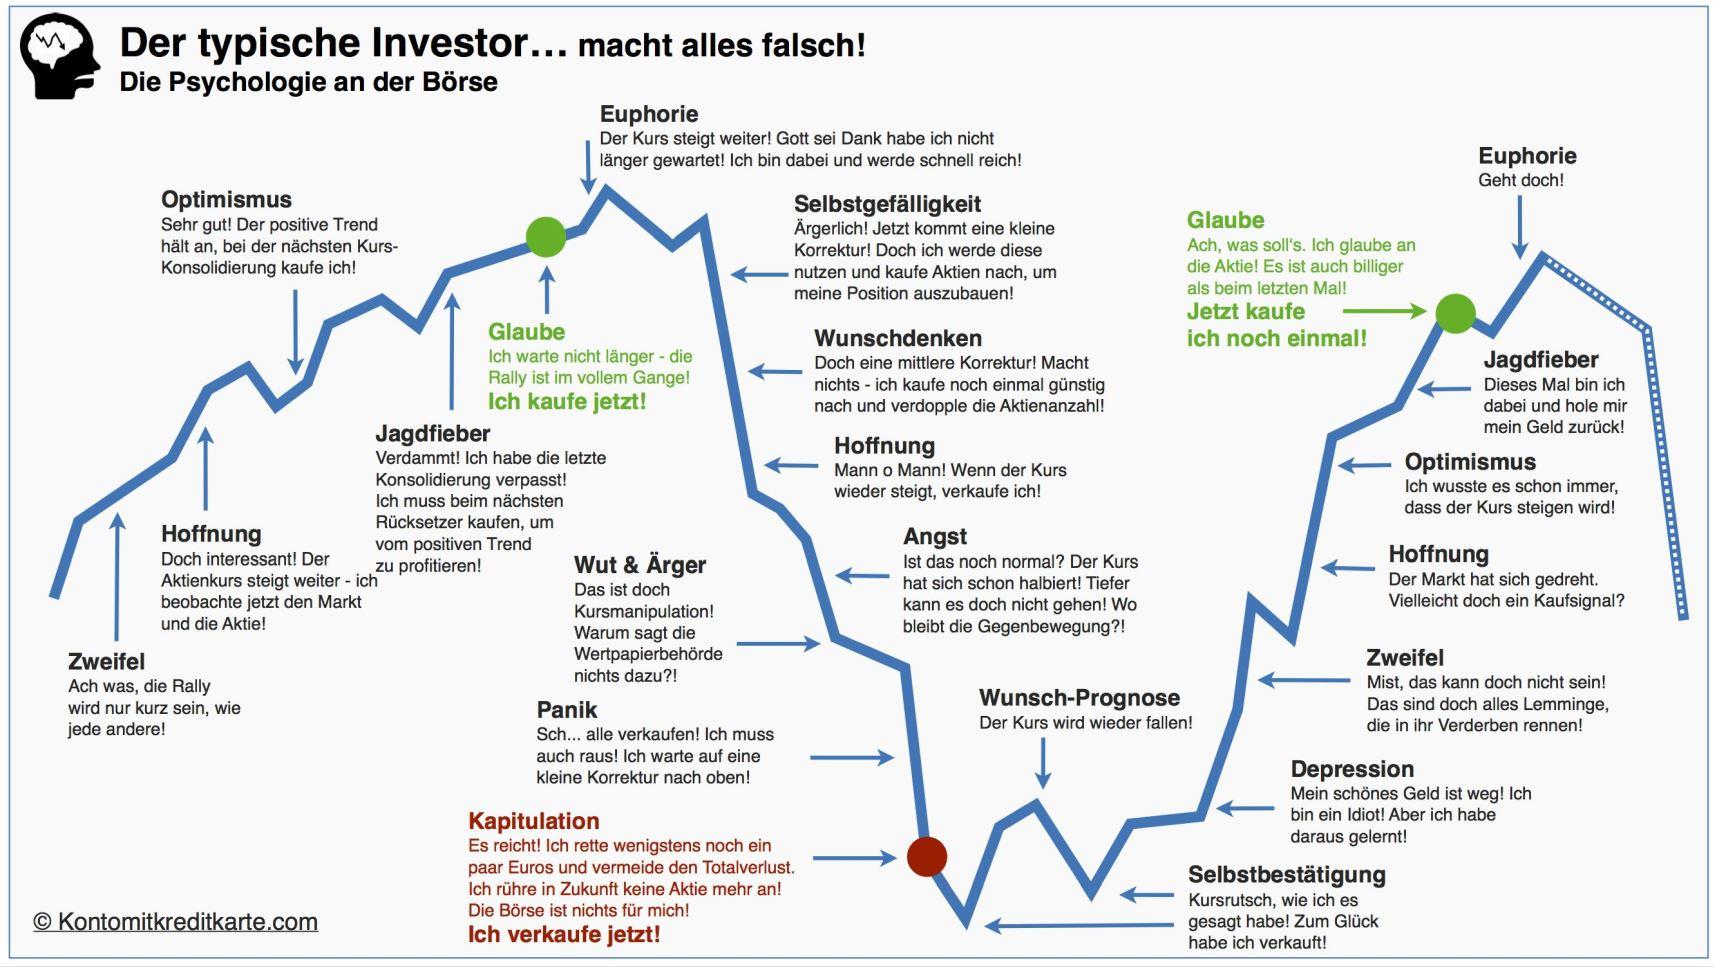 der_typische_investor.jpg